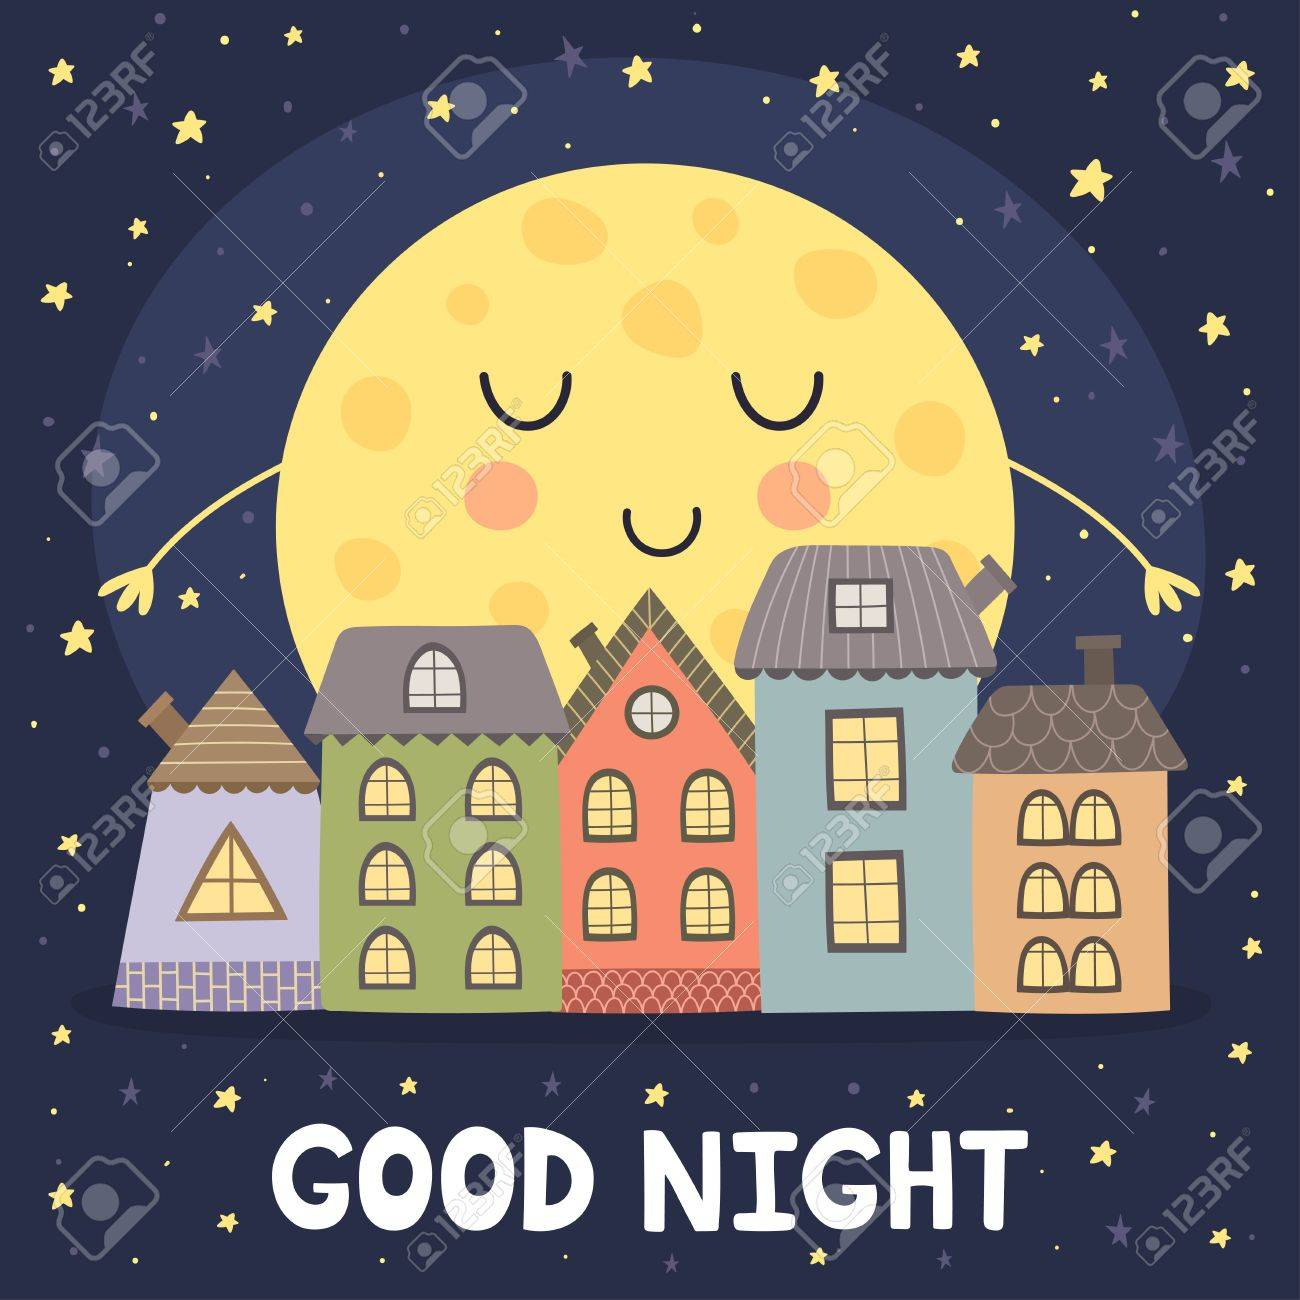 Vettoriale Carta Di Buona Notte Con La Luna Addormentata E